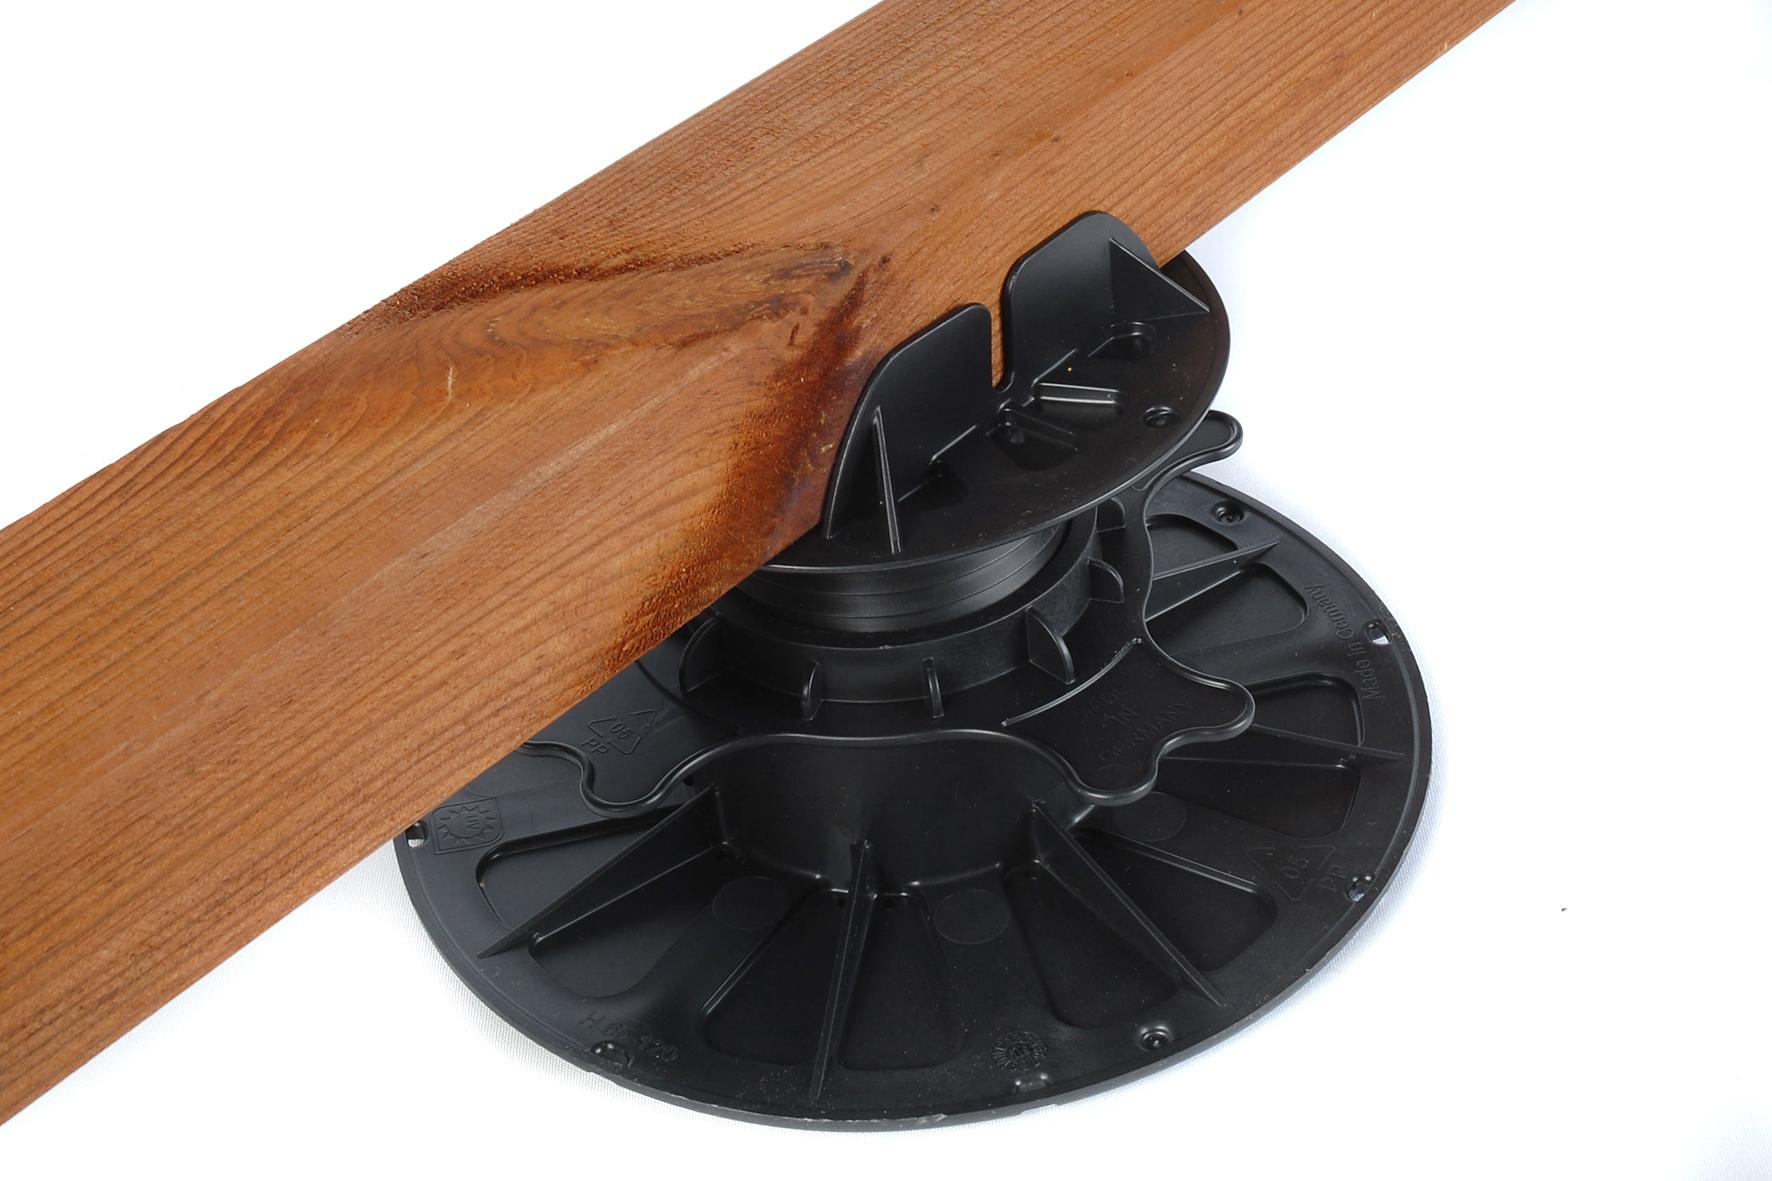 Adjustable foot base 27-40mm